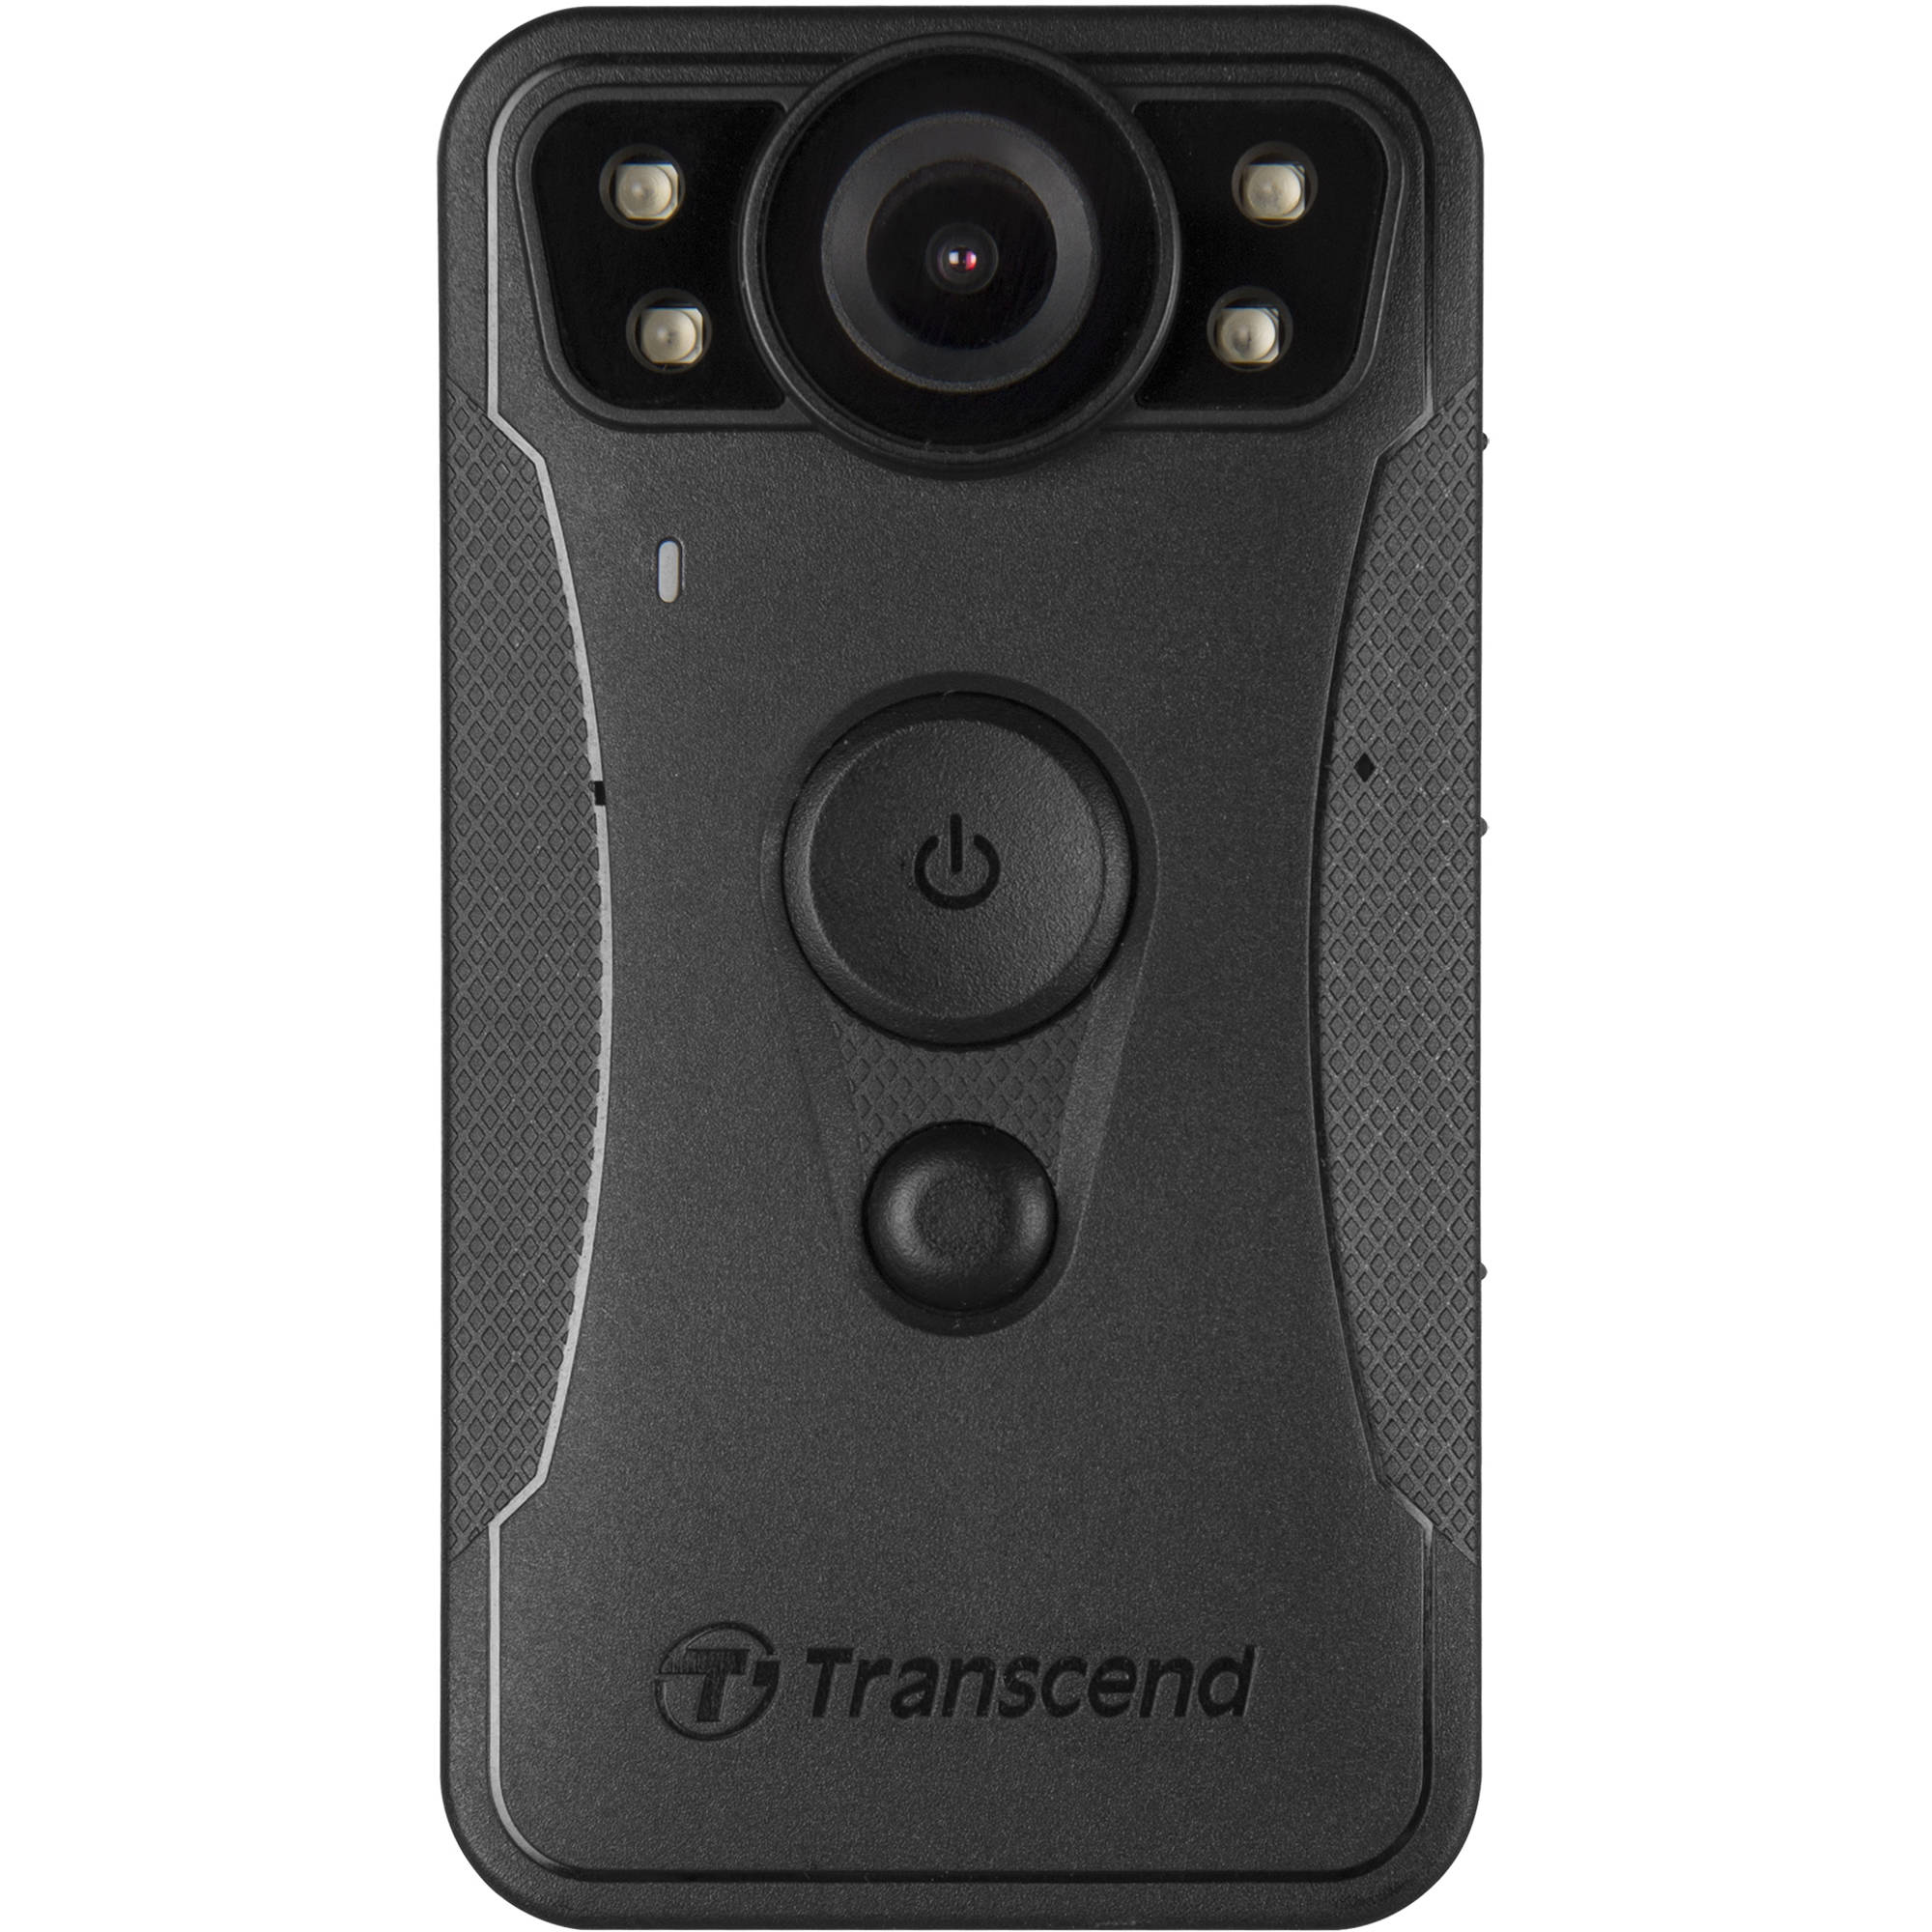 Transcend DrivePro Body 30 1080p Body Camera TS64GDPB30A B&H